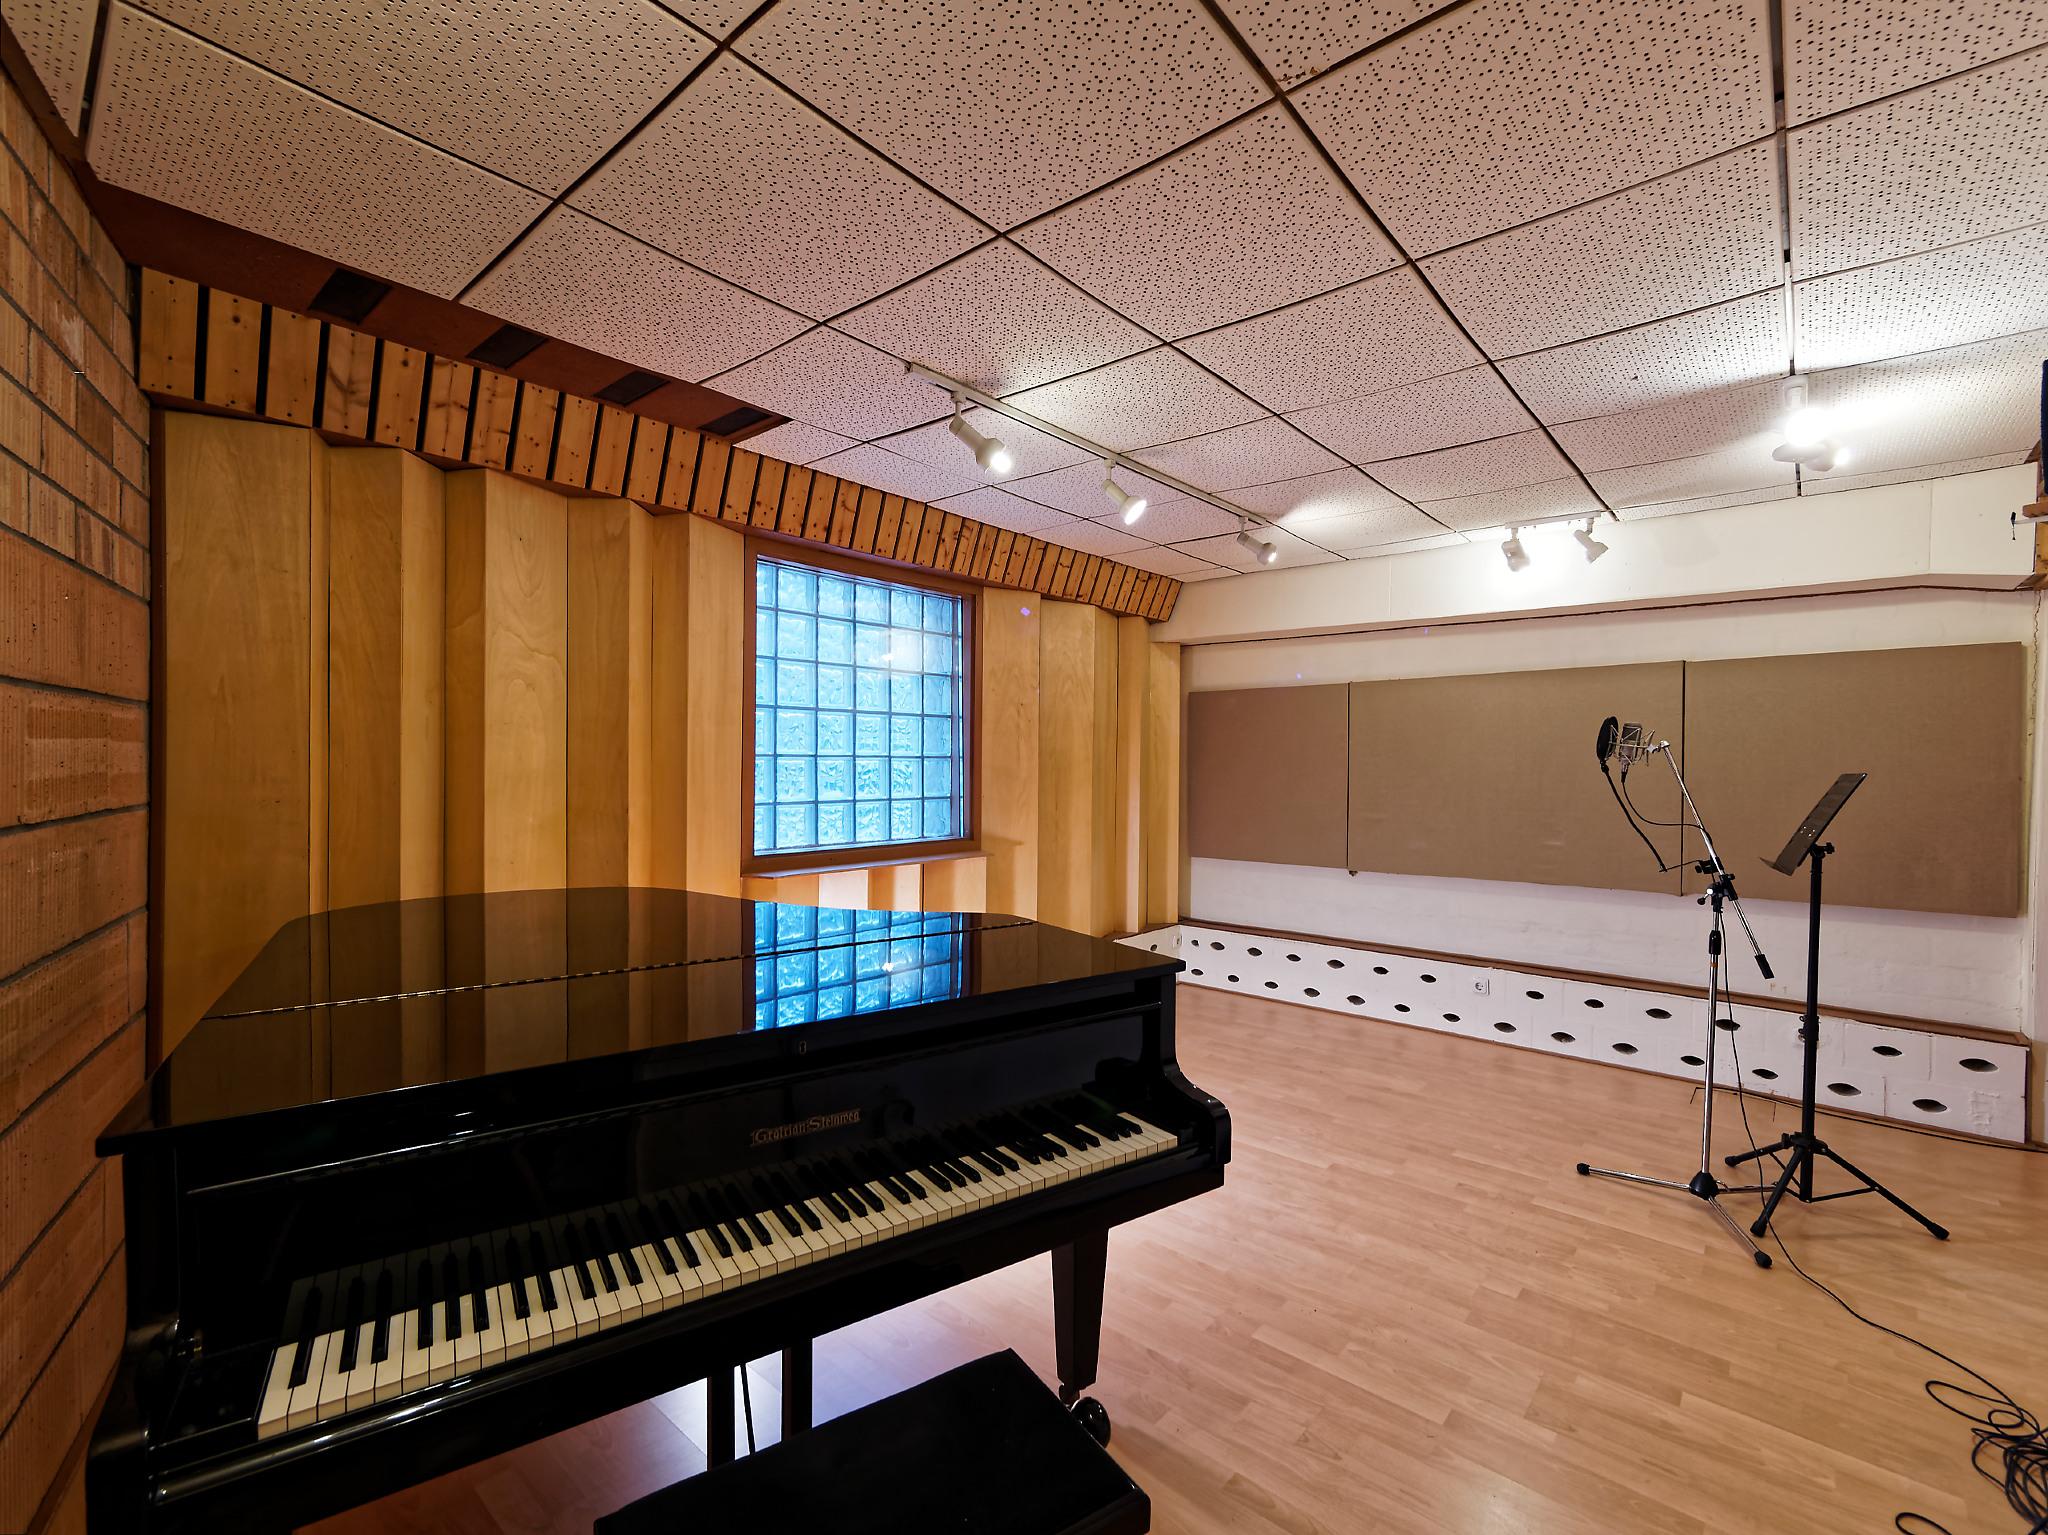 Aufnahmeraum 1 in Geos Tonstudio Köln, hervorragende Akustik, Grotrian Steinweg Flügel